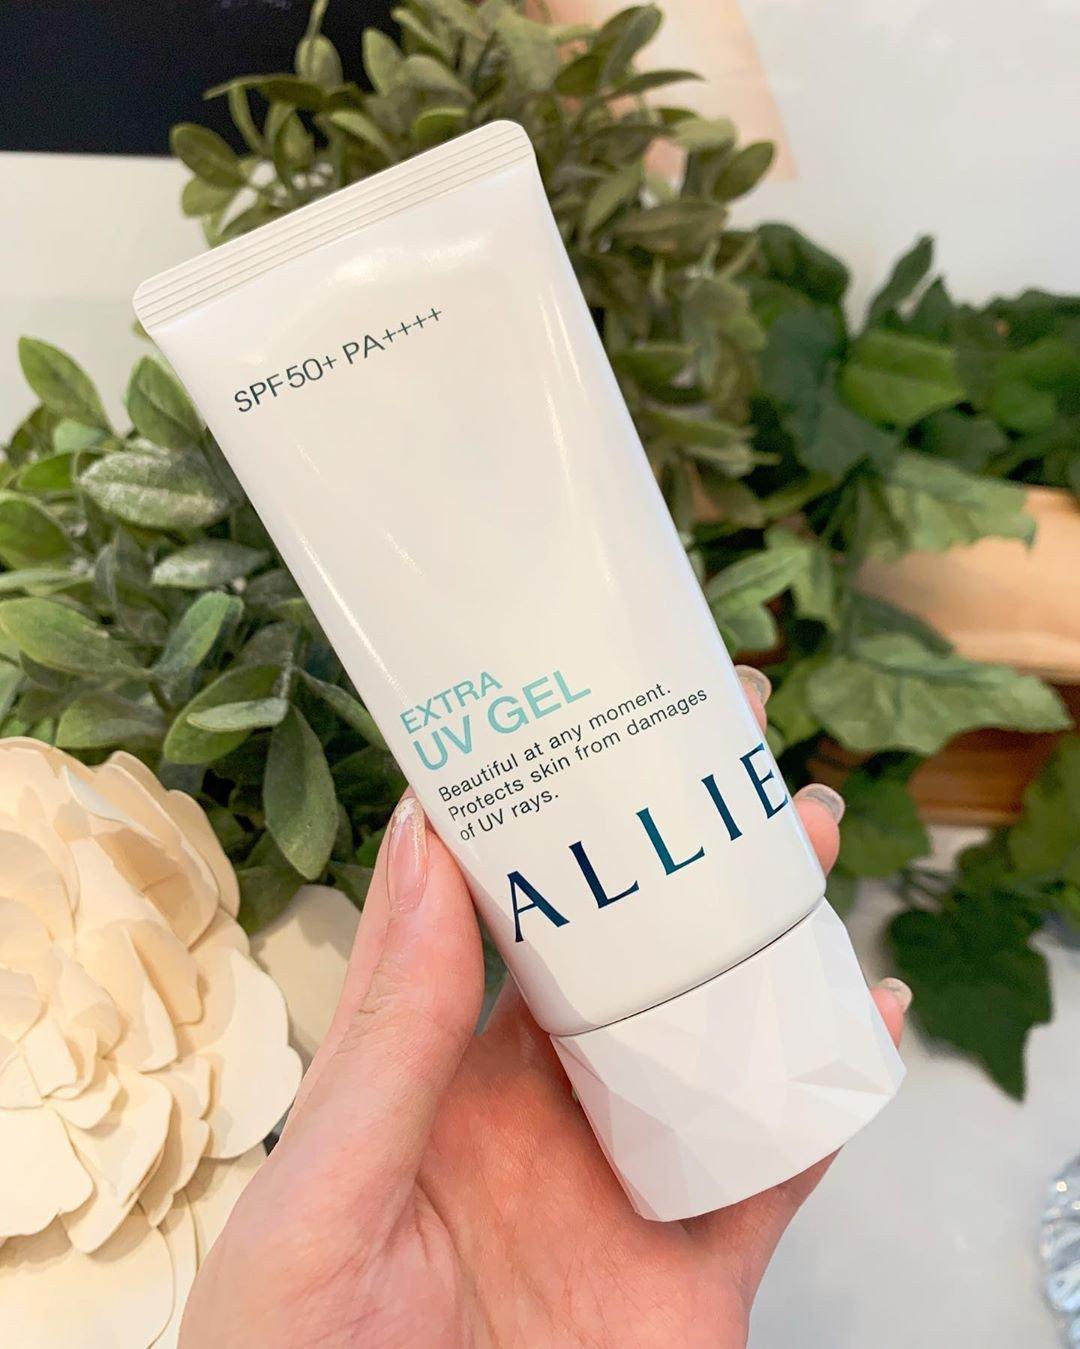 Sản phẩm bảo vệ da khỏi tác hại của tia cực tím trong nhiều giờ nhờ chỉ số chống nắng cao SPF 50+ PA++++ (ảnh: internet).